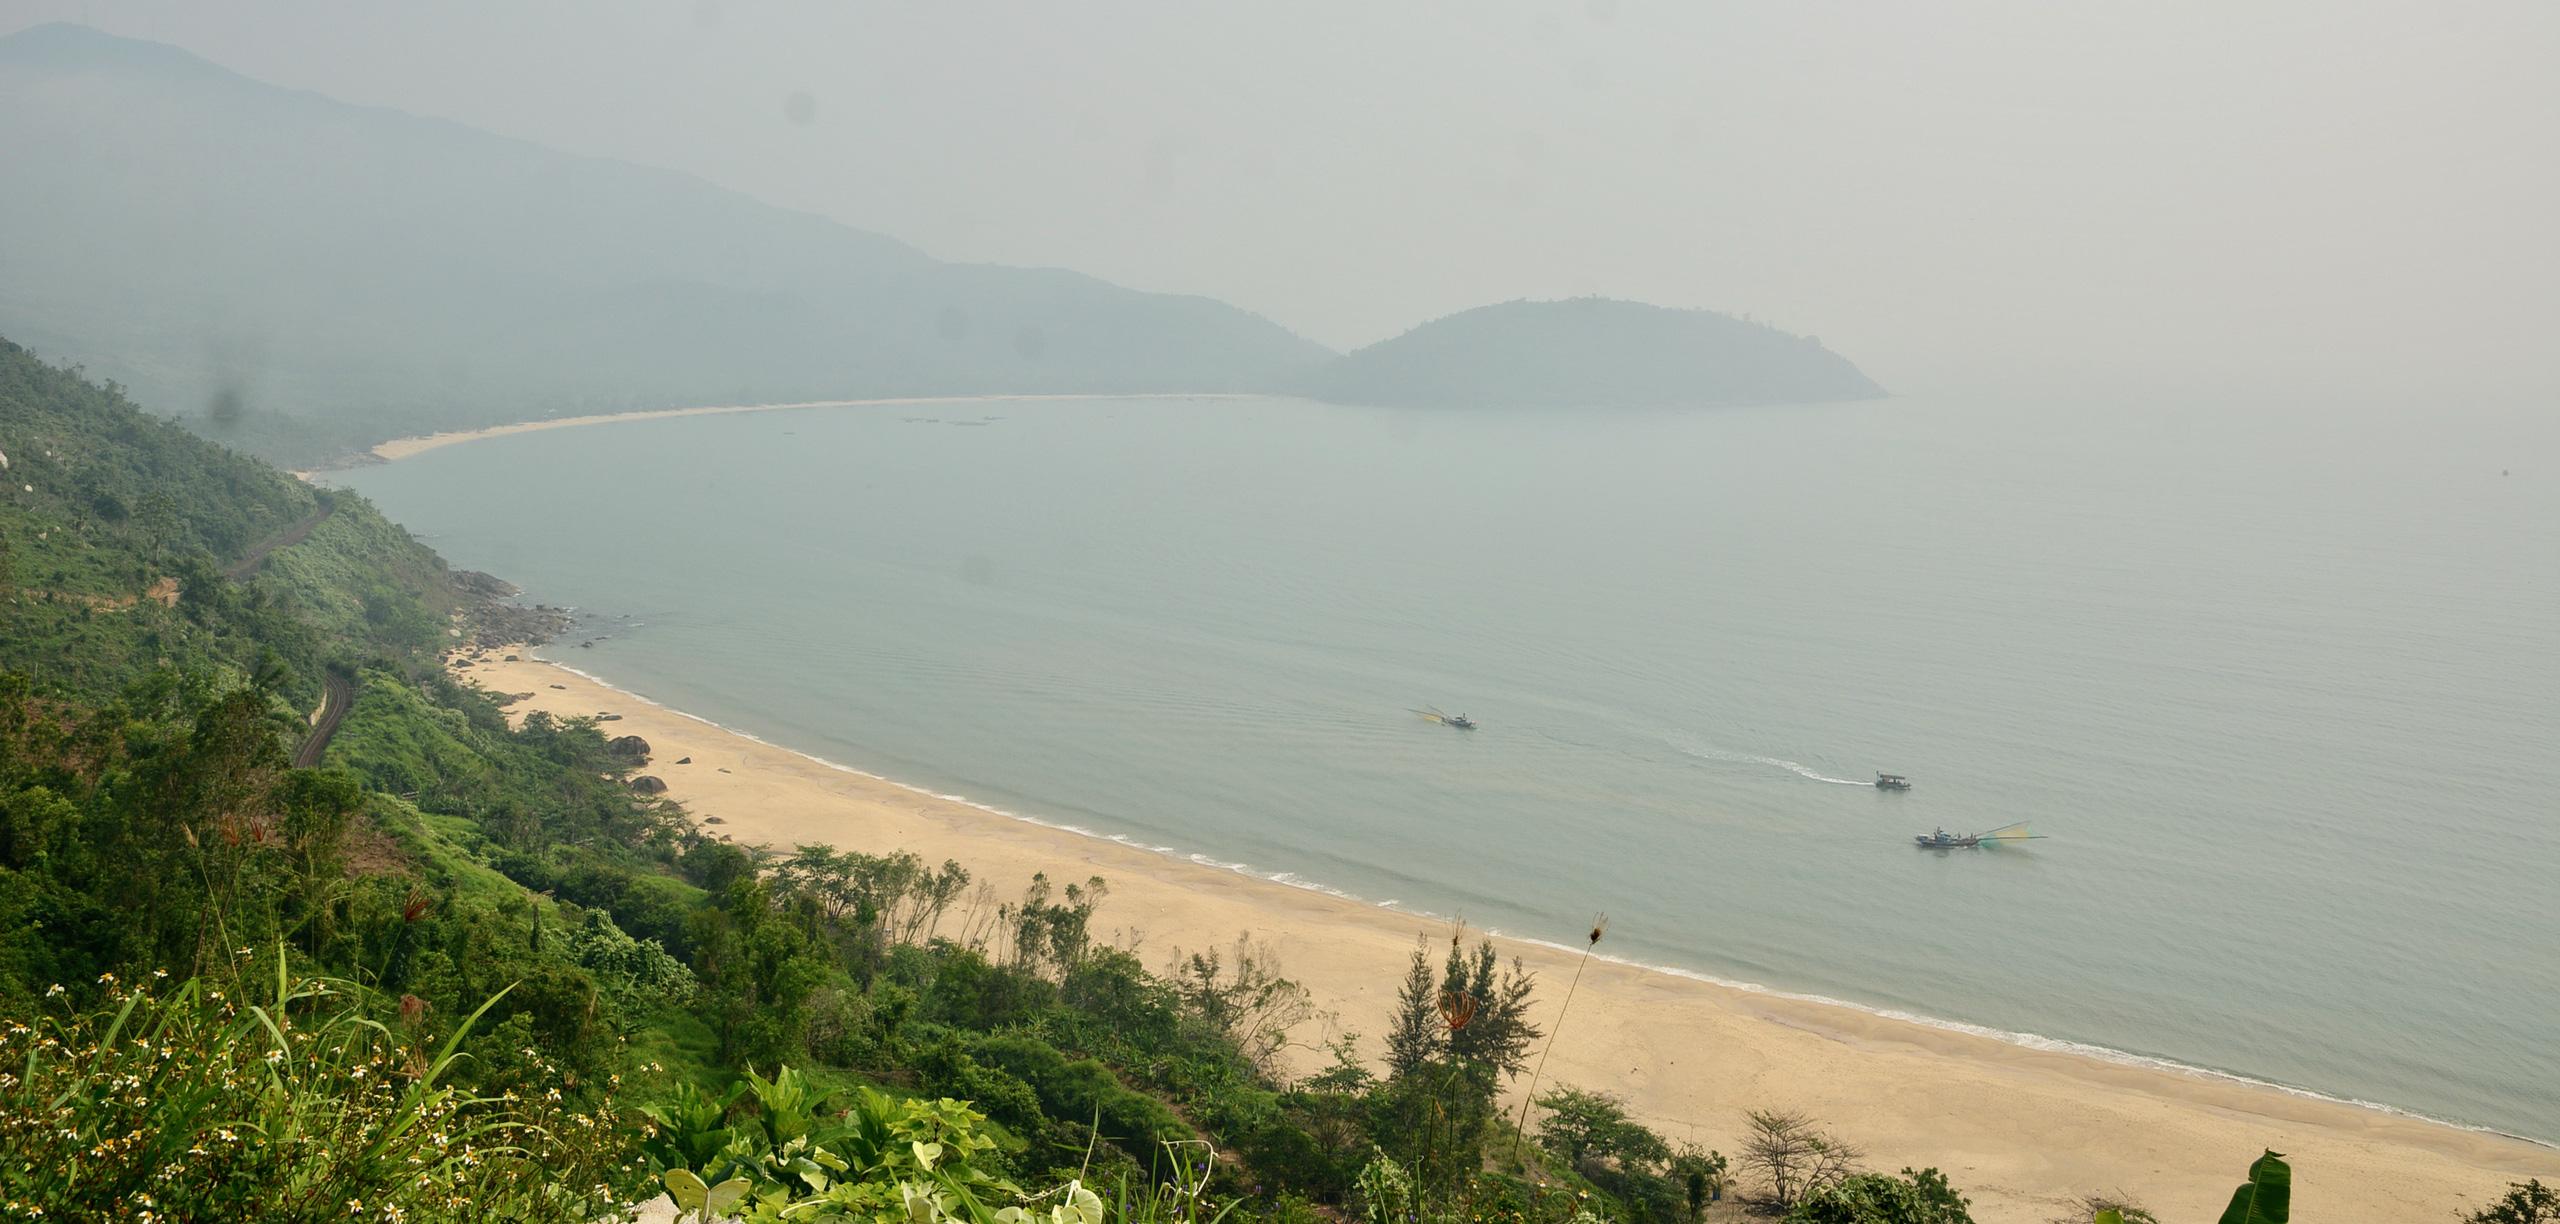 Toàn cảnh khu vực khoảng 1.000 ha ở phường Hòa Hiệp Bắc, quận Liên Chiểu, TP Đà Nẵng triển khai dự án Làng Vân vốn đầu tư lớn nhất TP Đà Nẵng.